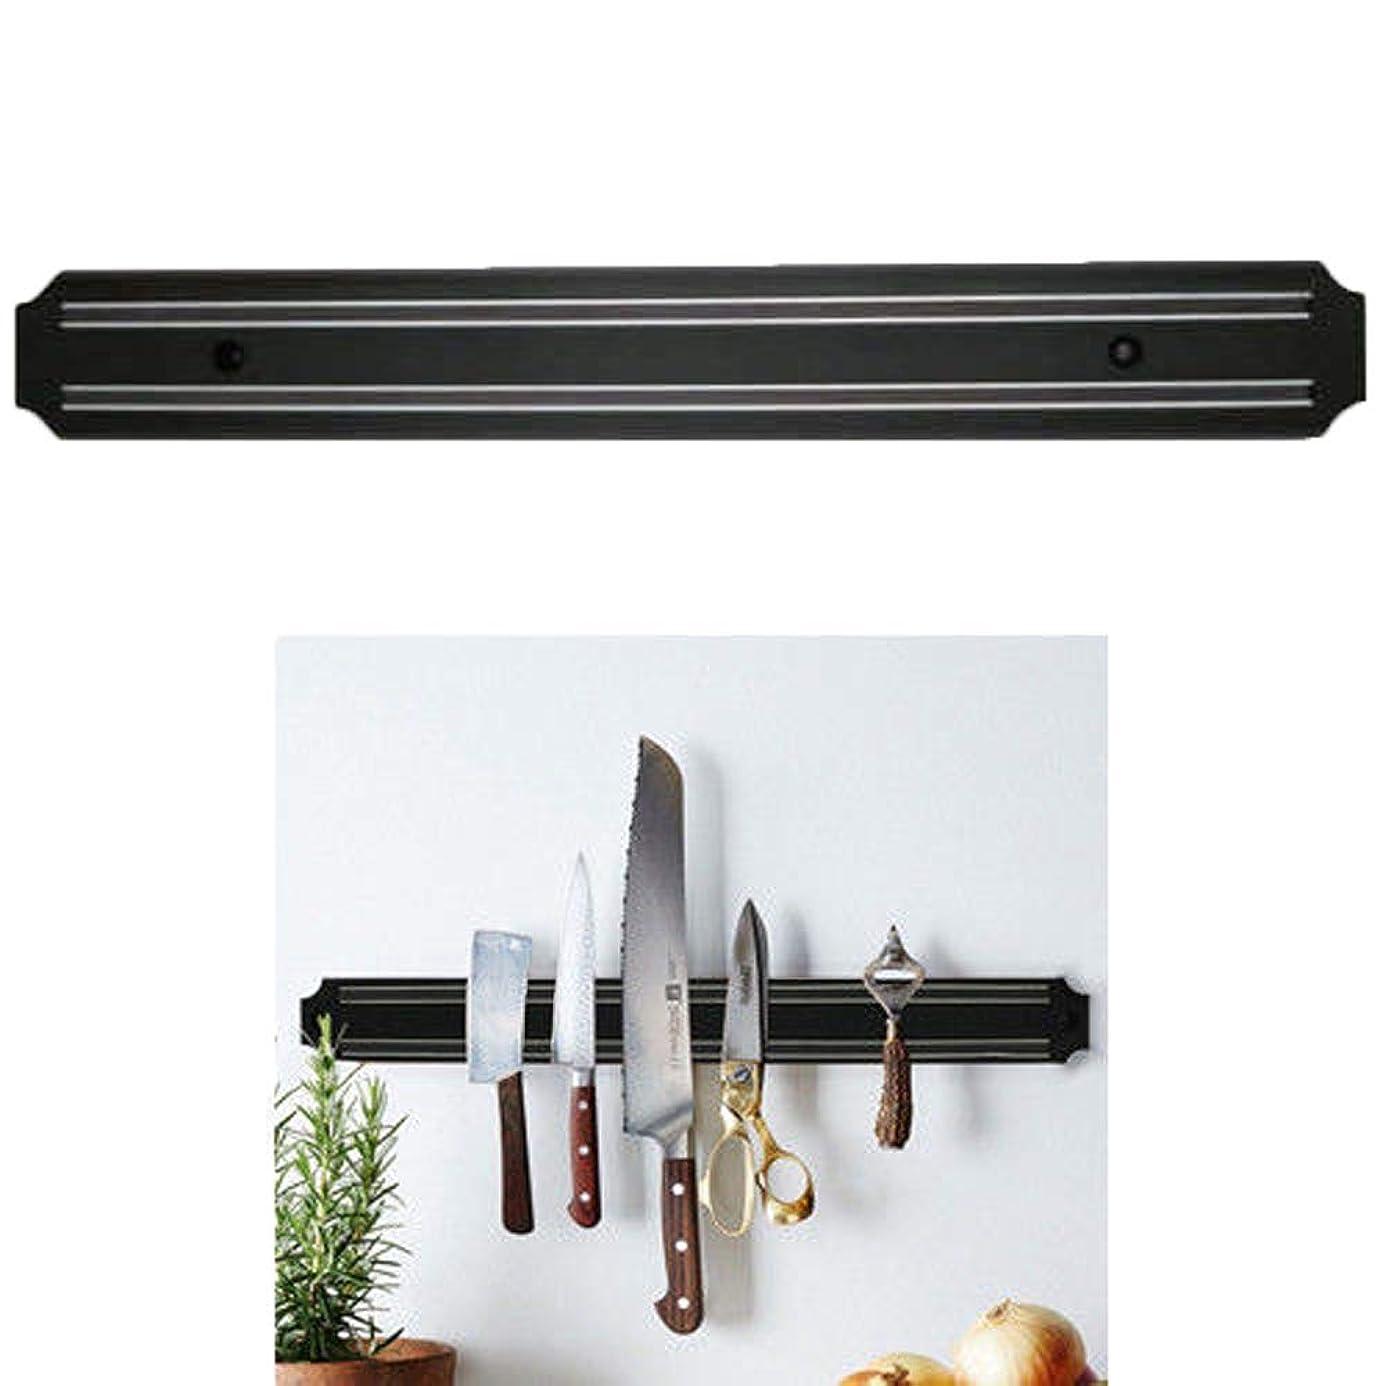 積極的にプロット直接磁気ナイフストリップ 強力なキッチン壁マウント 磁気ナイフホルダー ストリップレックスタンド